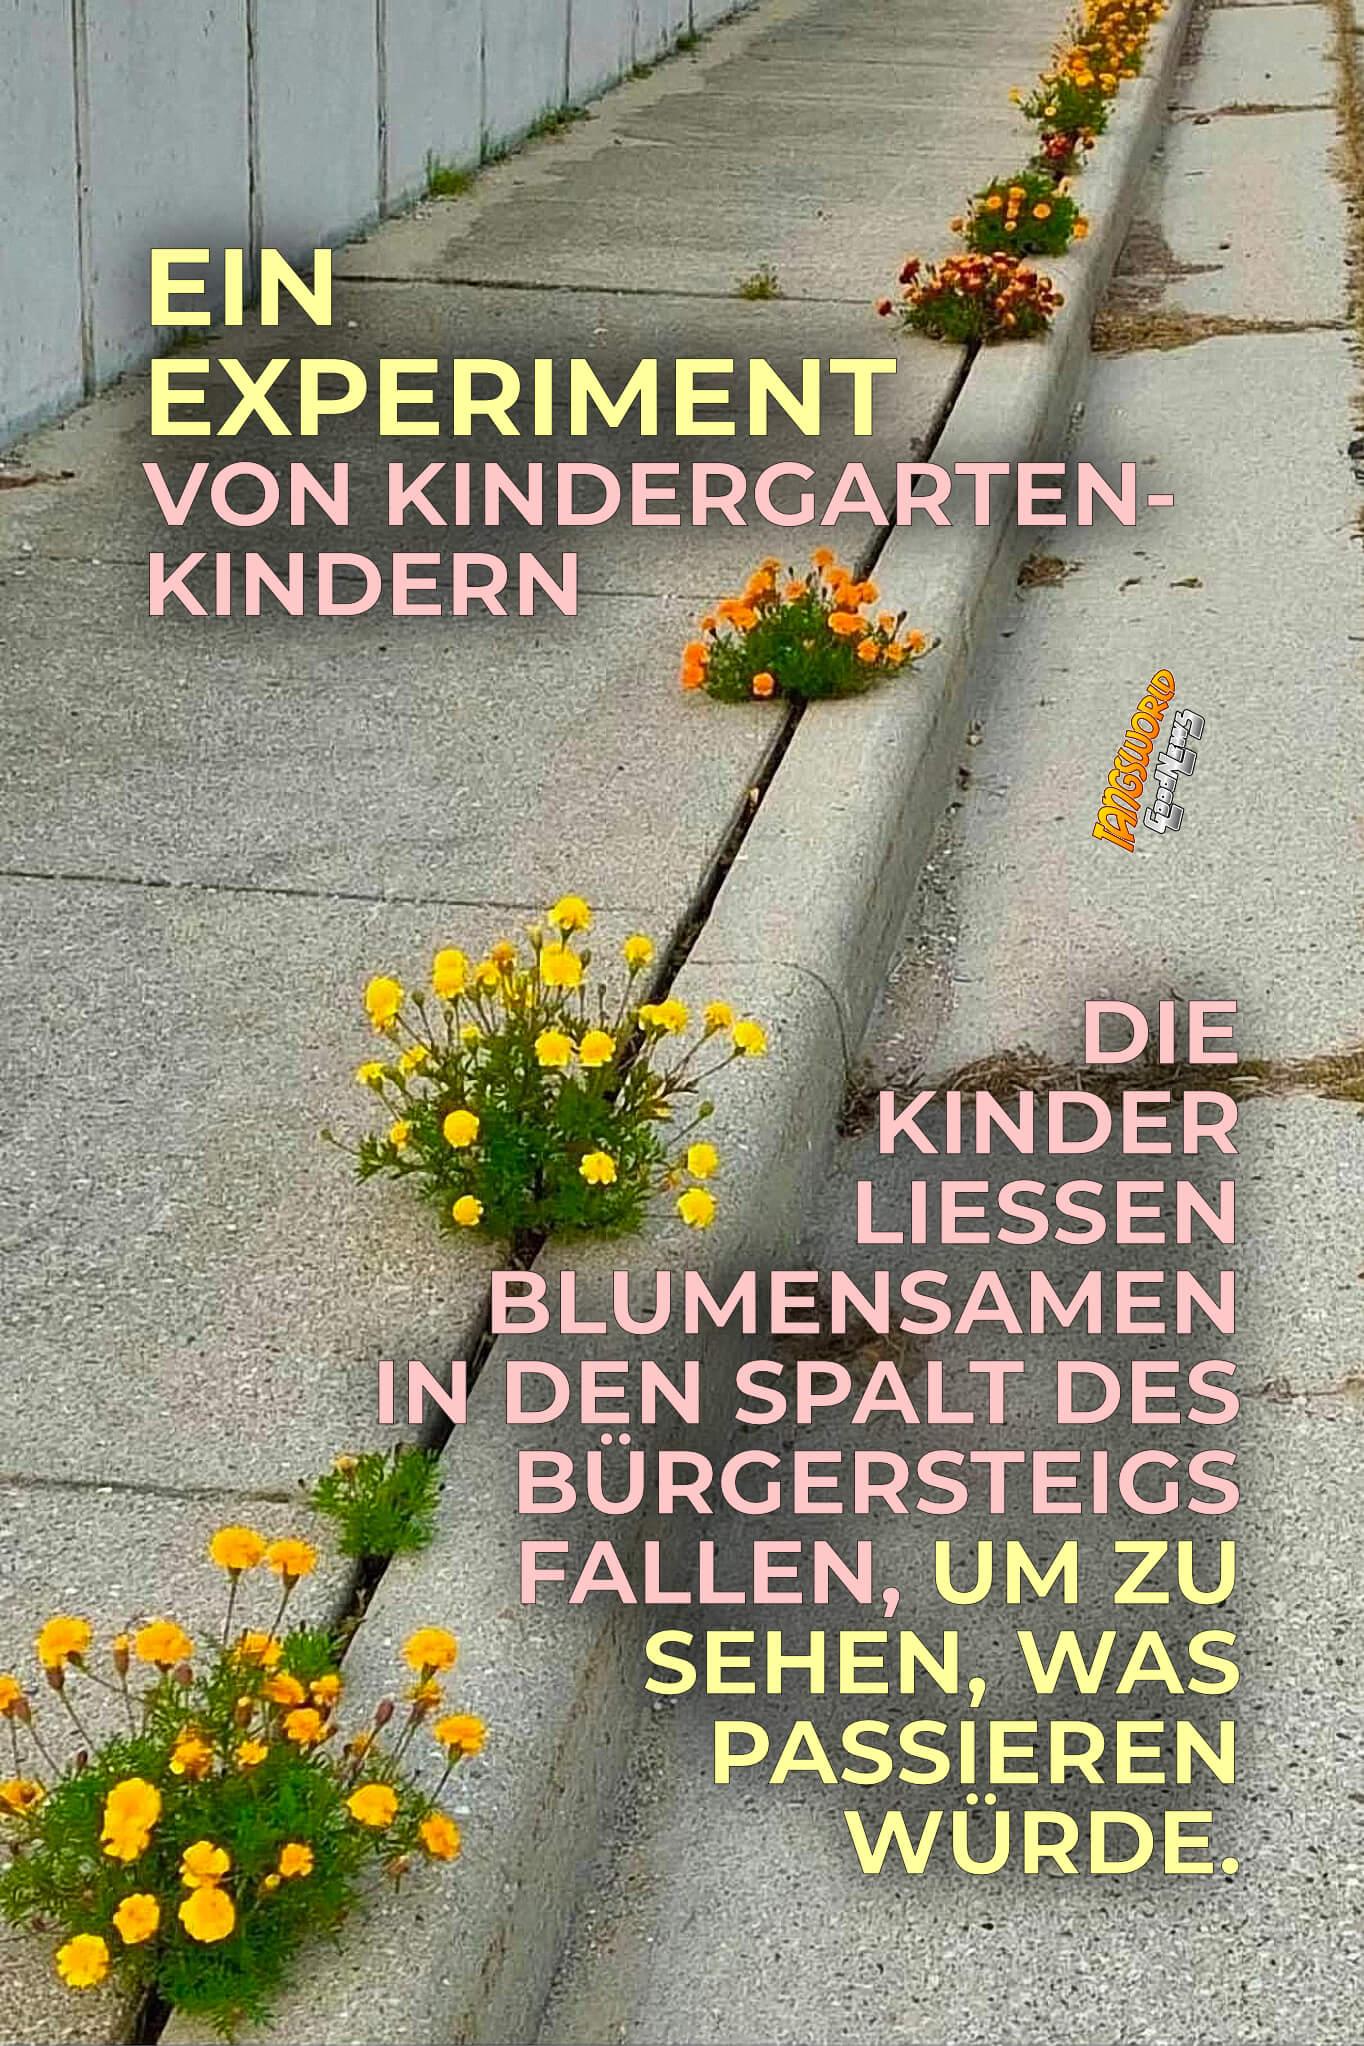 Ein Experiment von Kindergartenkindern. Die Kinder ließen Blumensamen in den Spalt des Bürgersteigs fallen, um zu sehen, was passieren würde. - GoodNews